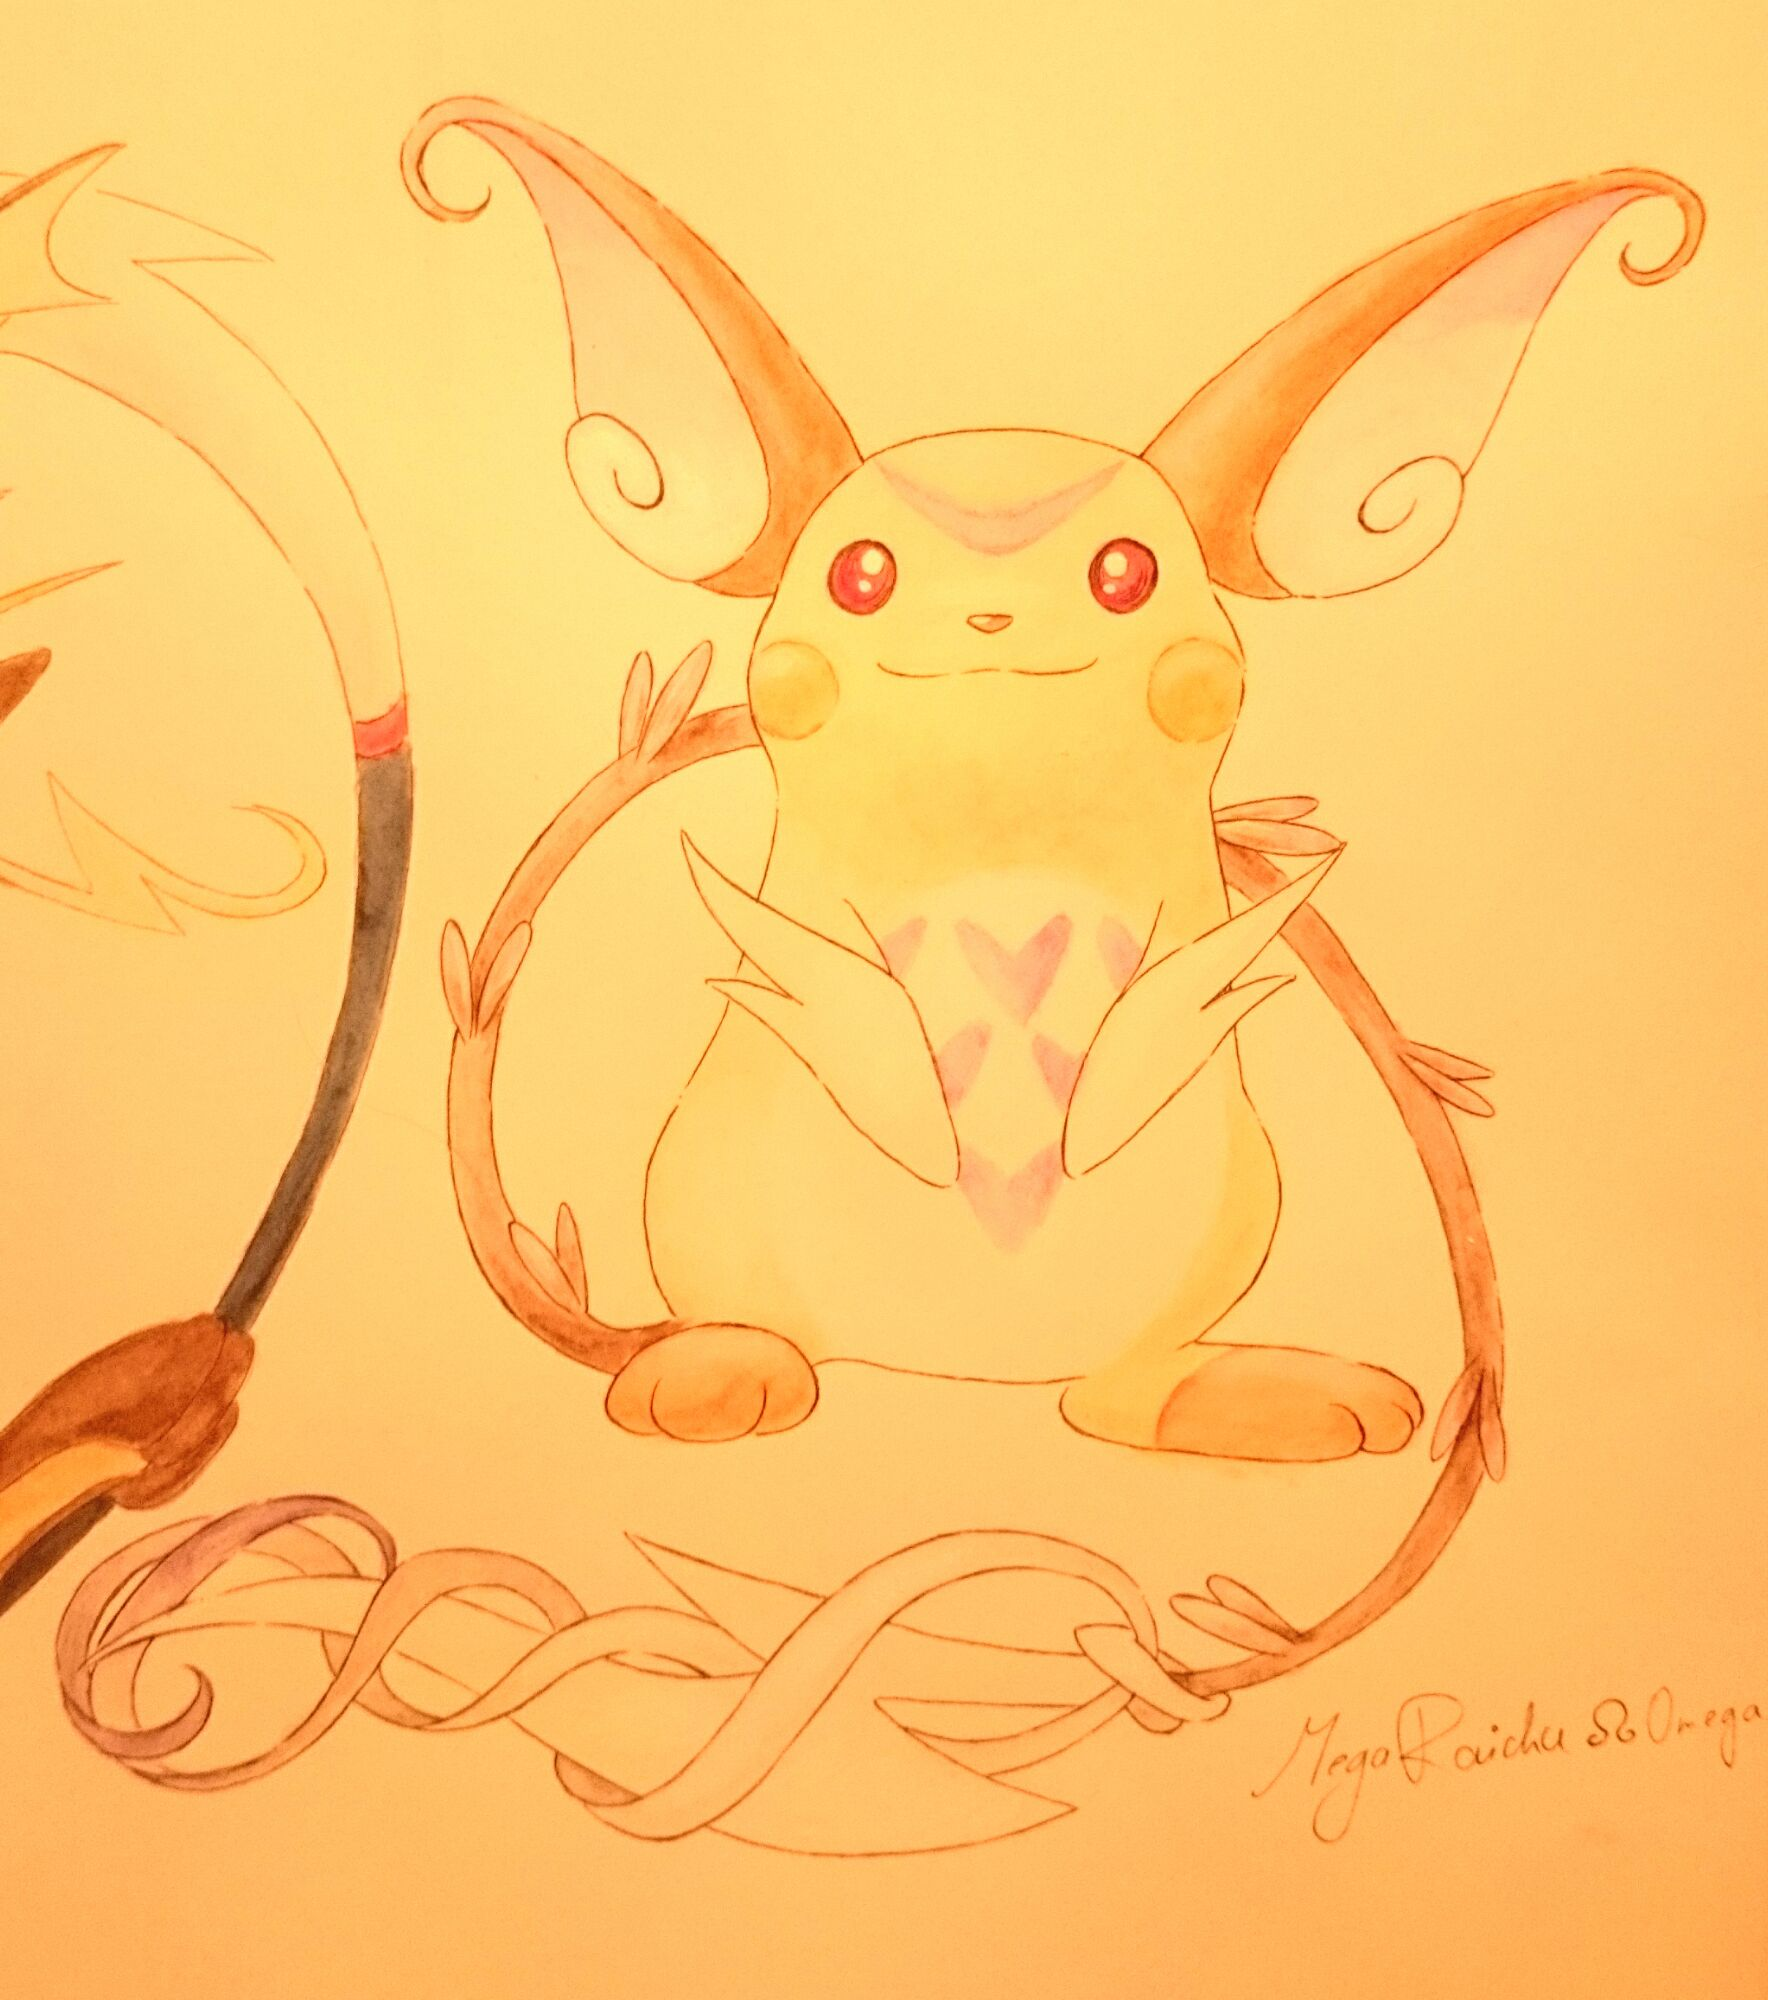 Pokémon-Zeichnung: Mega Raichu Omega finish